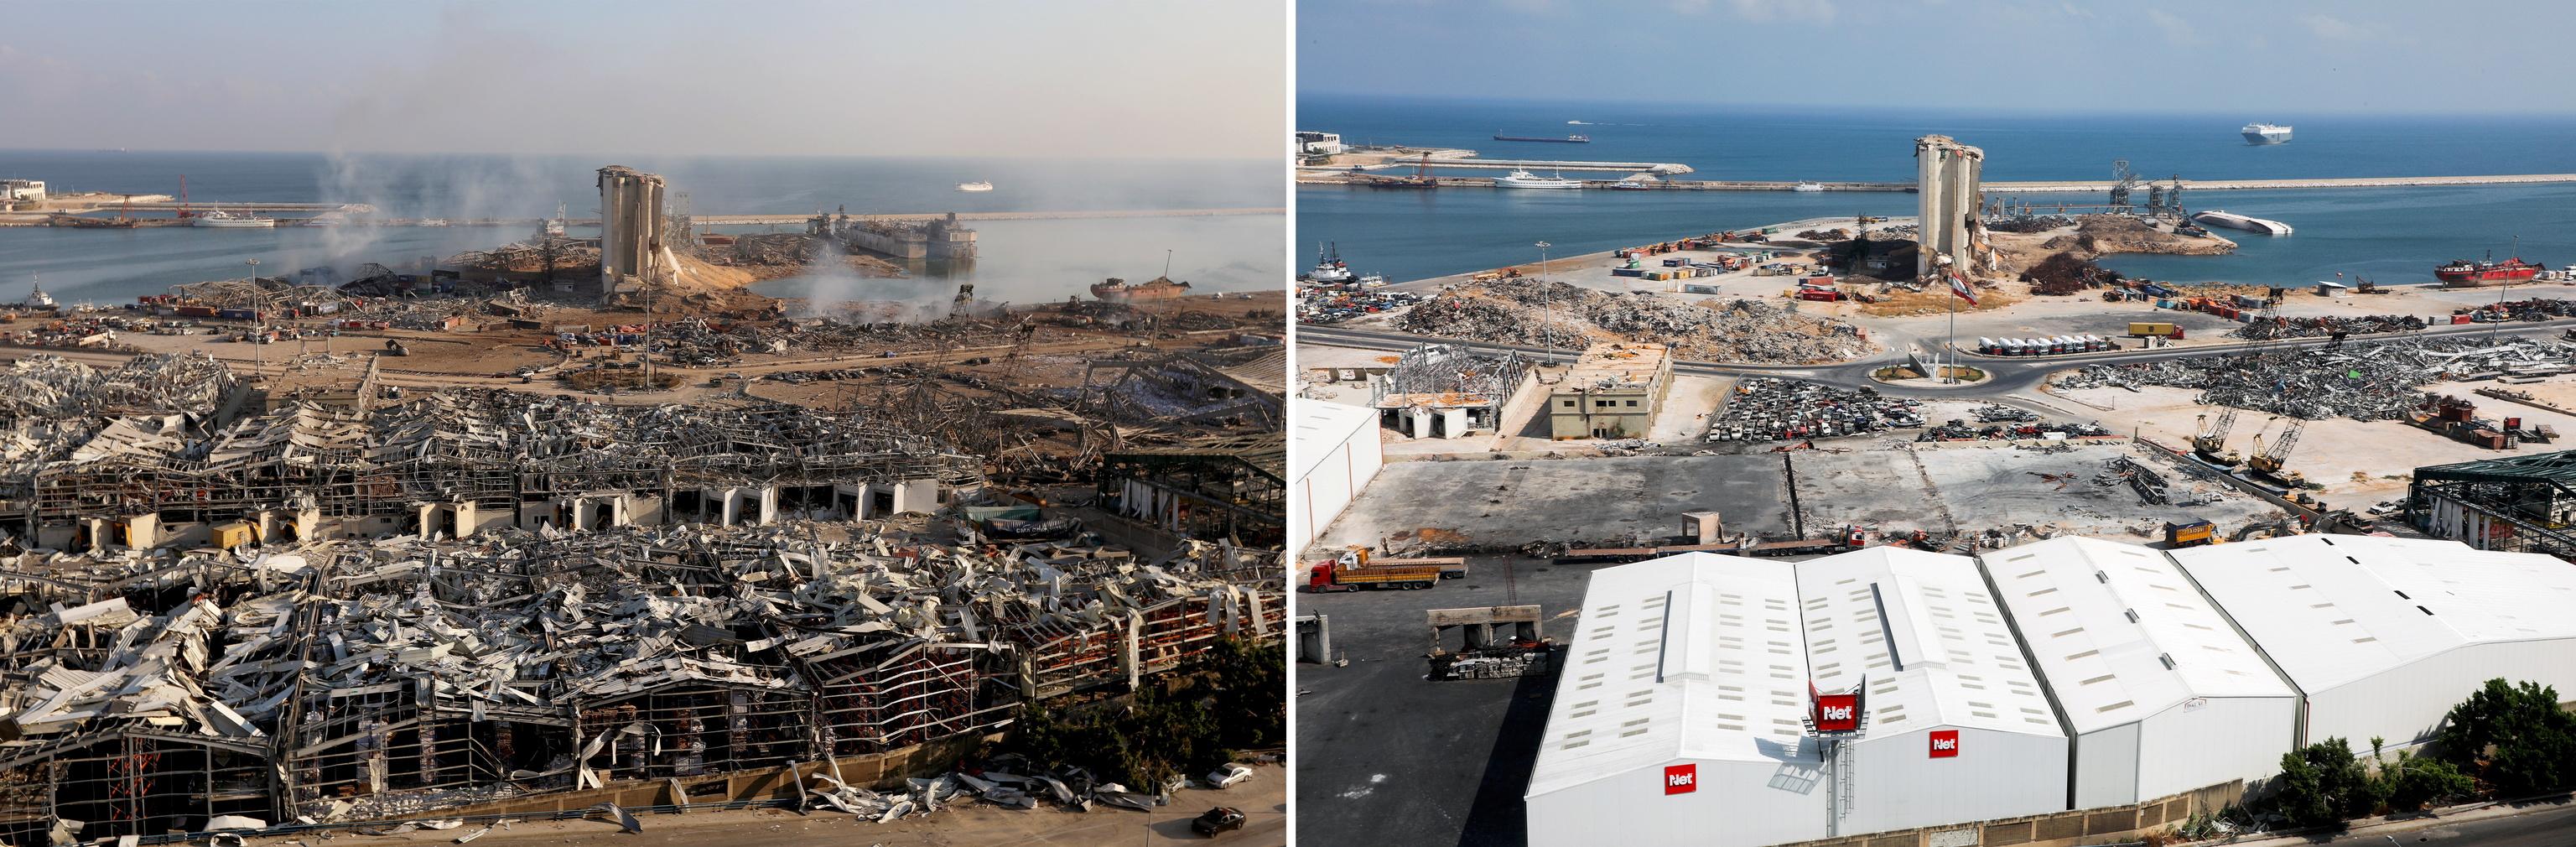 Foto comparativa del antes y el después de la explosión en el puerto de Beirut.